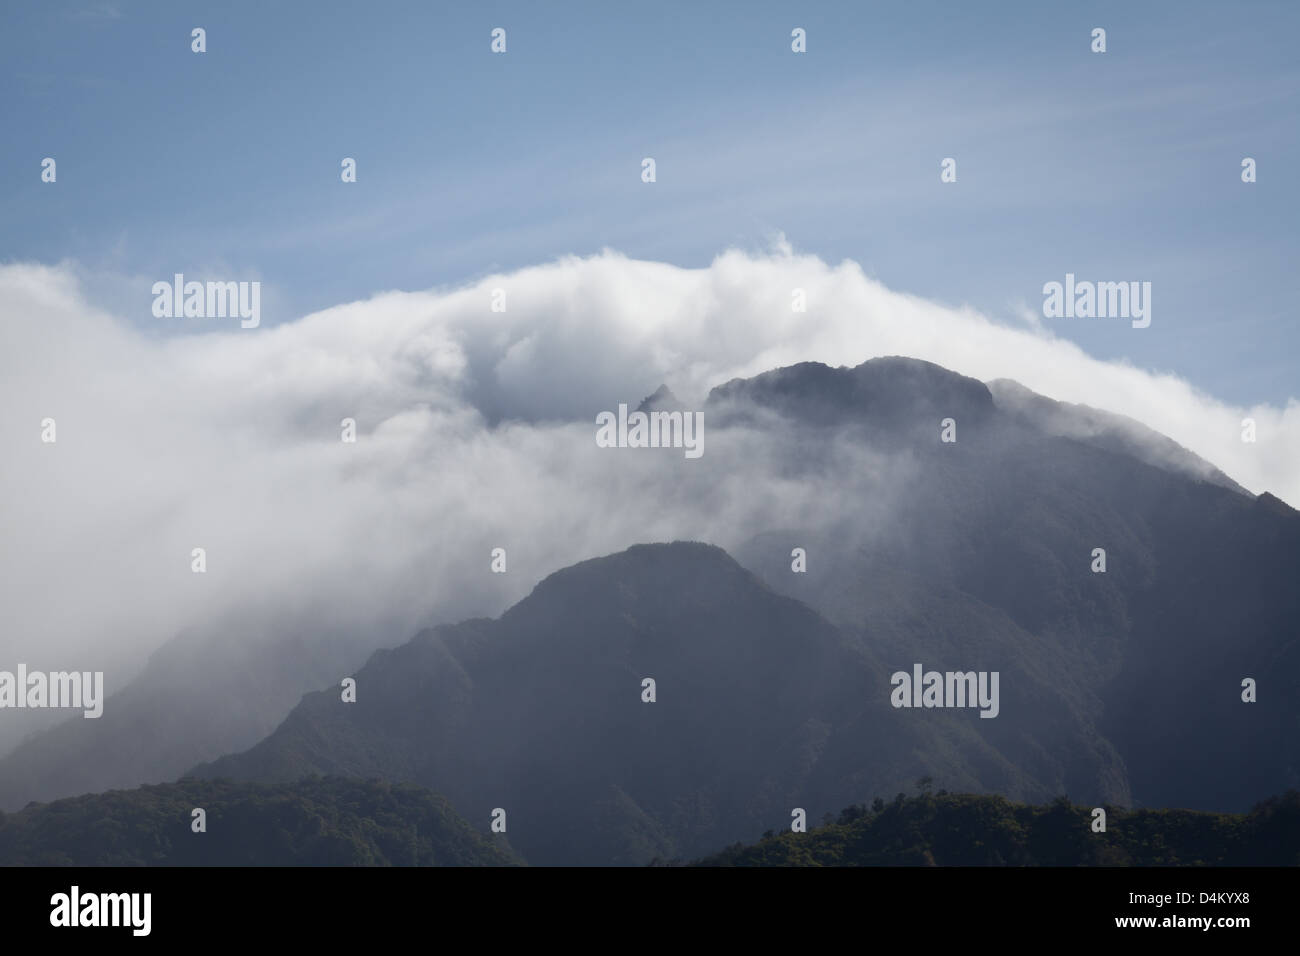 Las nubes alrededor del Volcán Barú, a 3475 m, el Parque Nacional Volcán Barú, provincia de Chiriquí, República de Panamá. Foto de stock